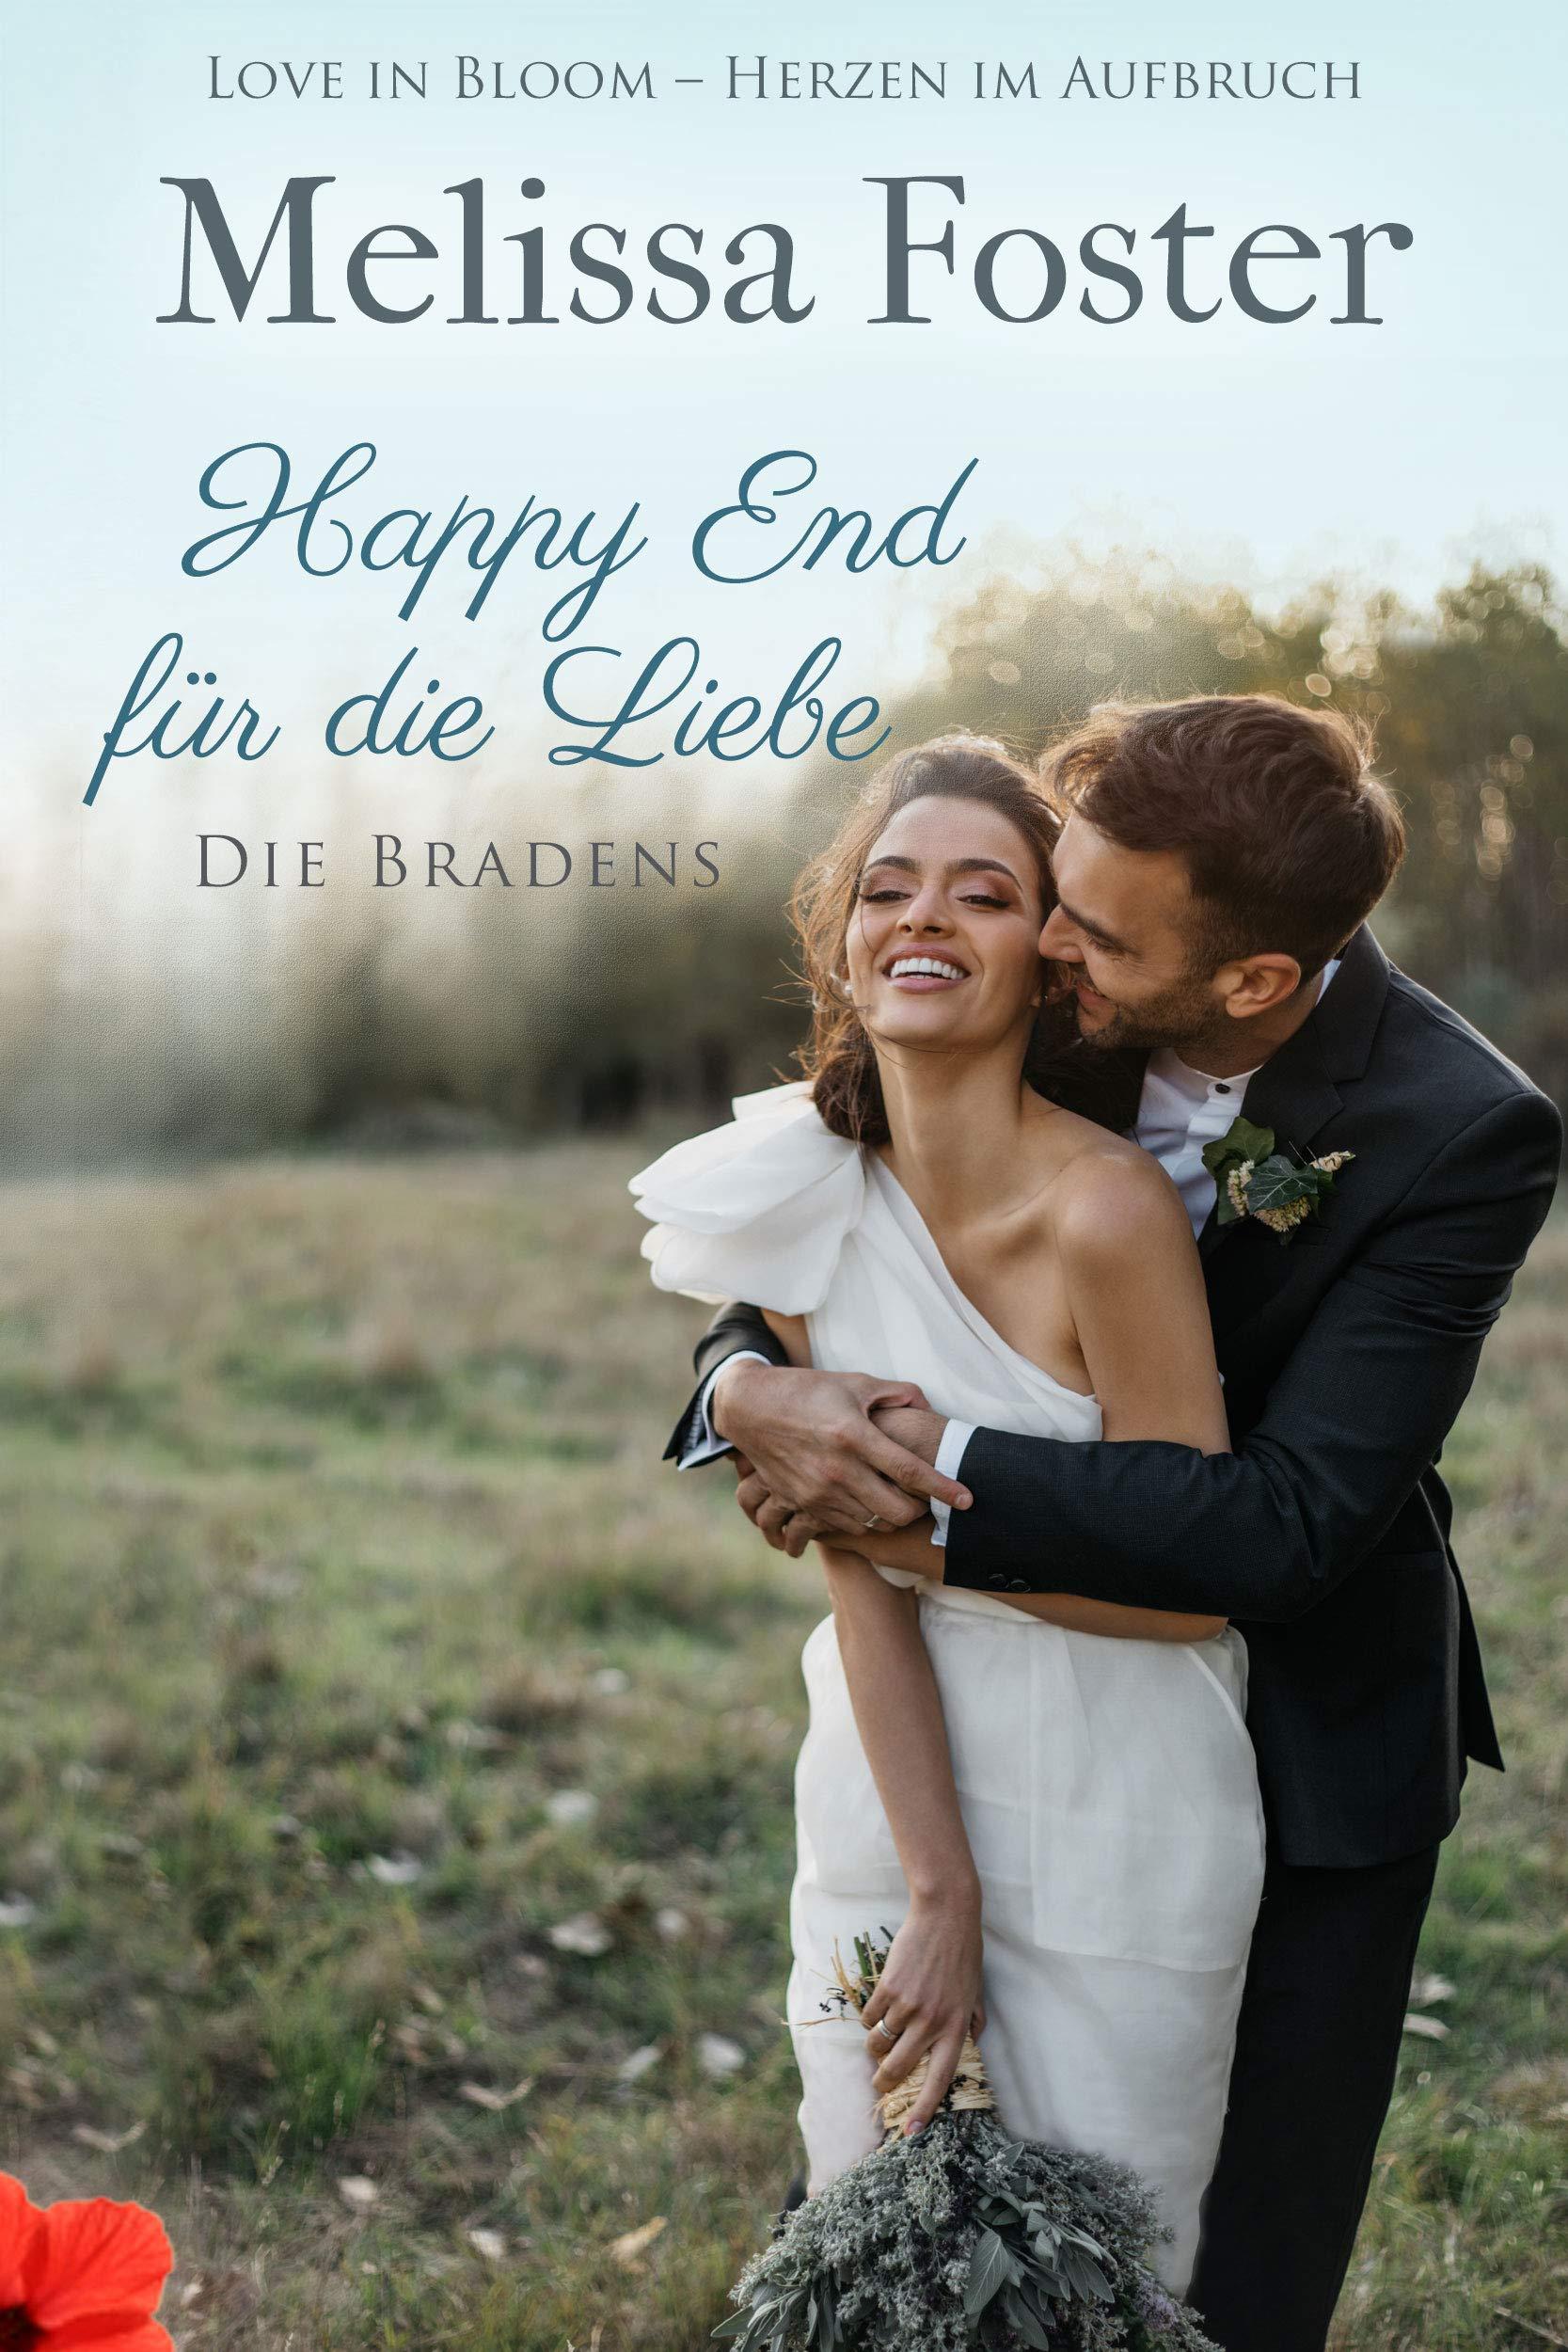 Happy End Für Die Liebe Eine Hochzeitsgeschichte  Die Bradens In Weston Colorado 9